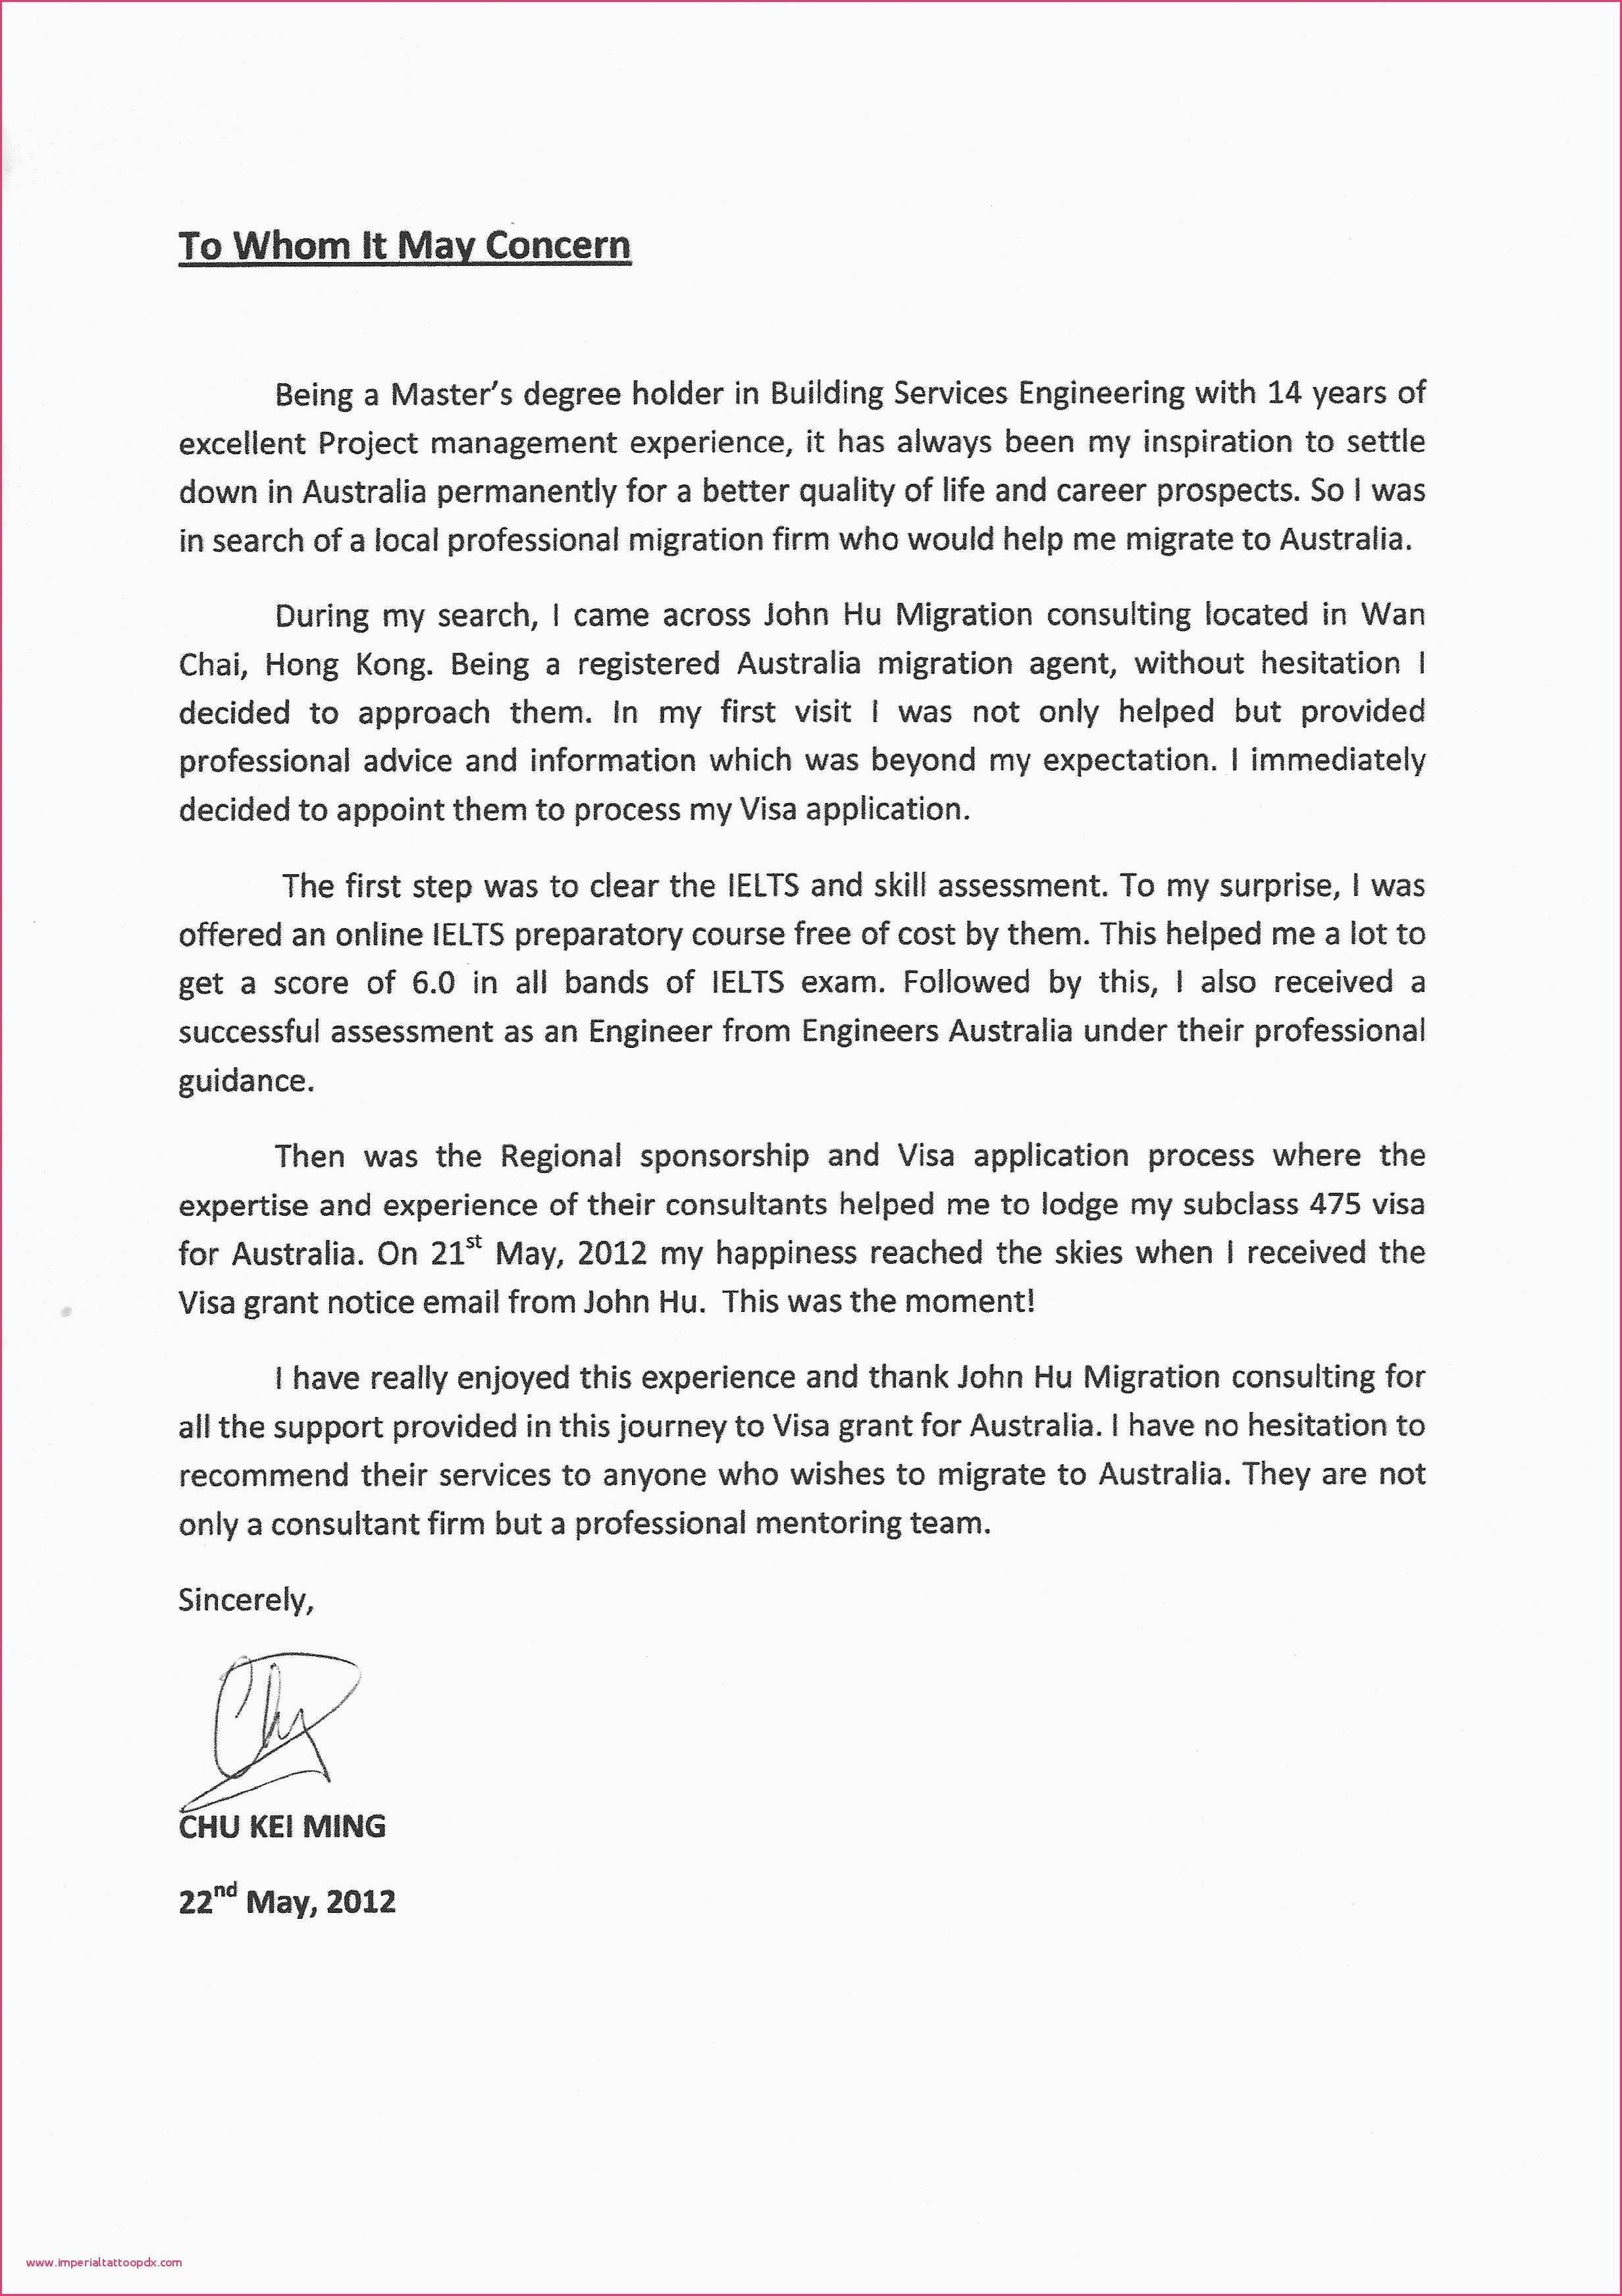 Business Dinner Invitation Letter Format